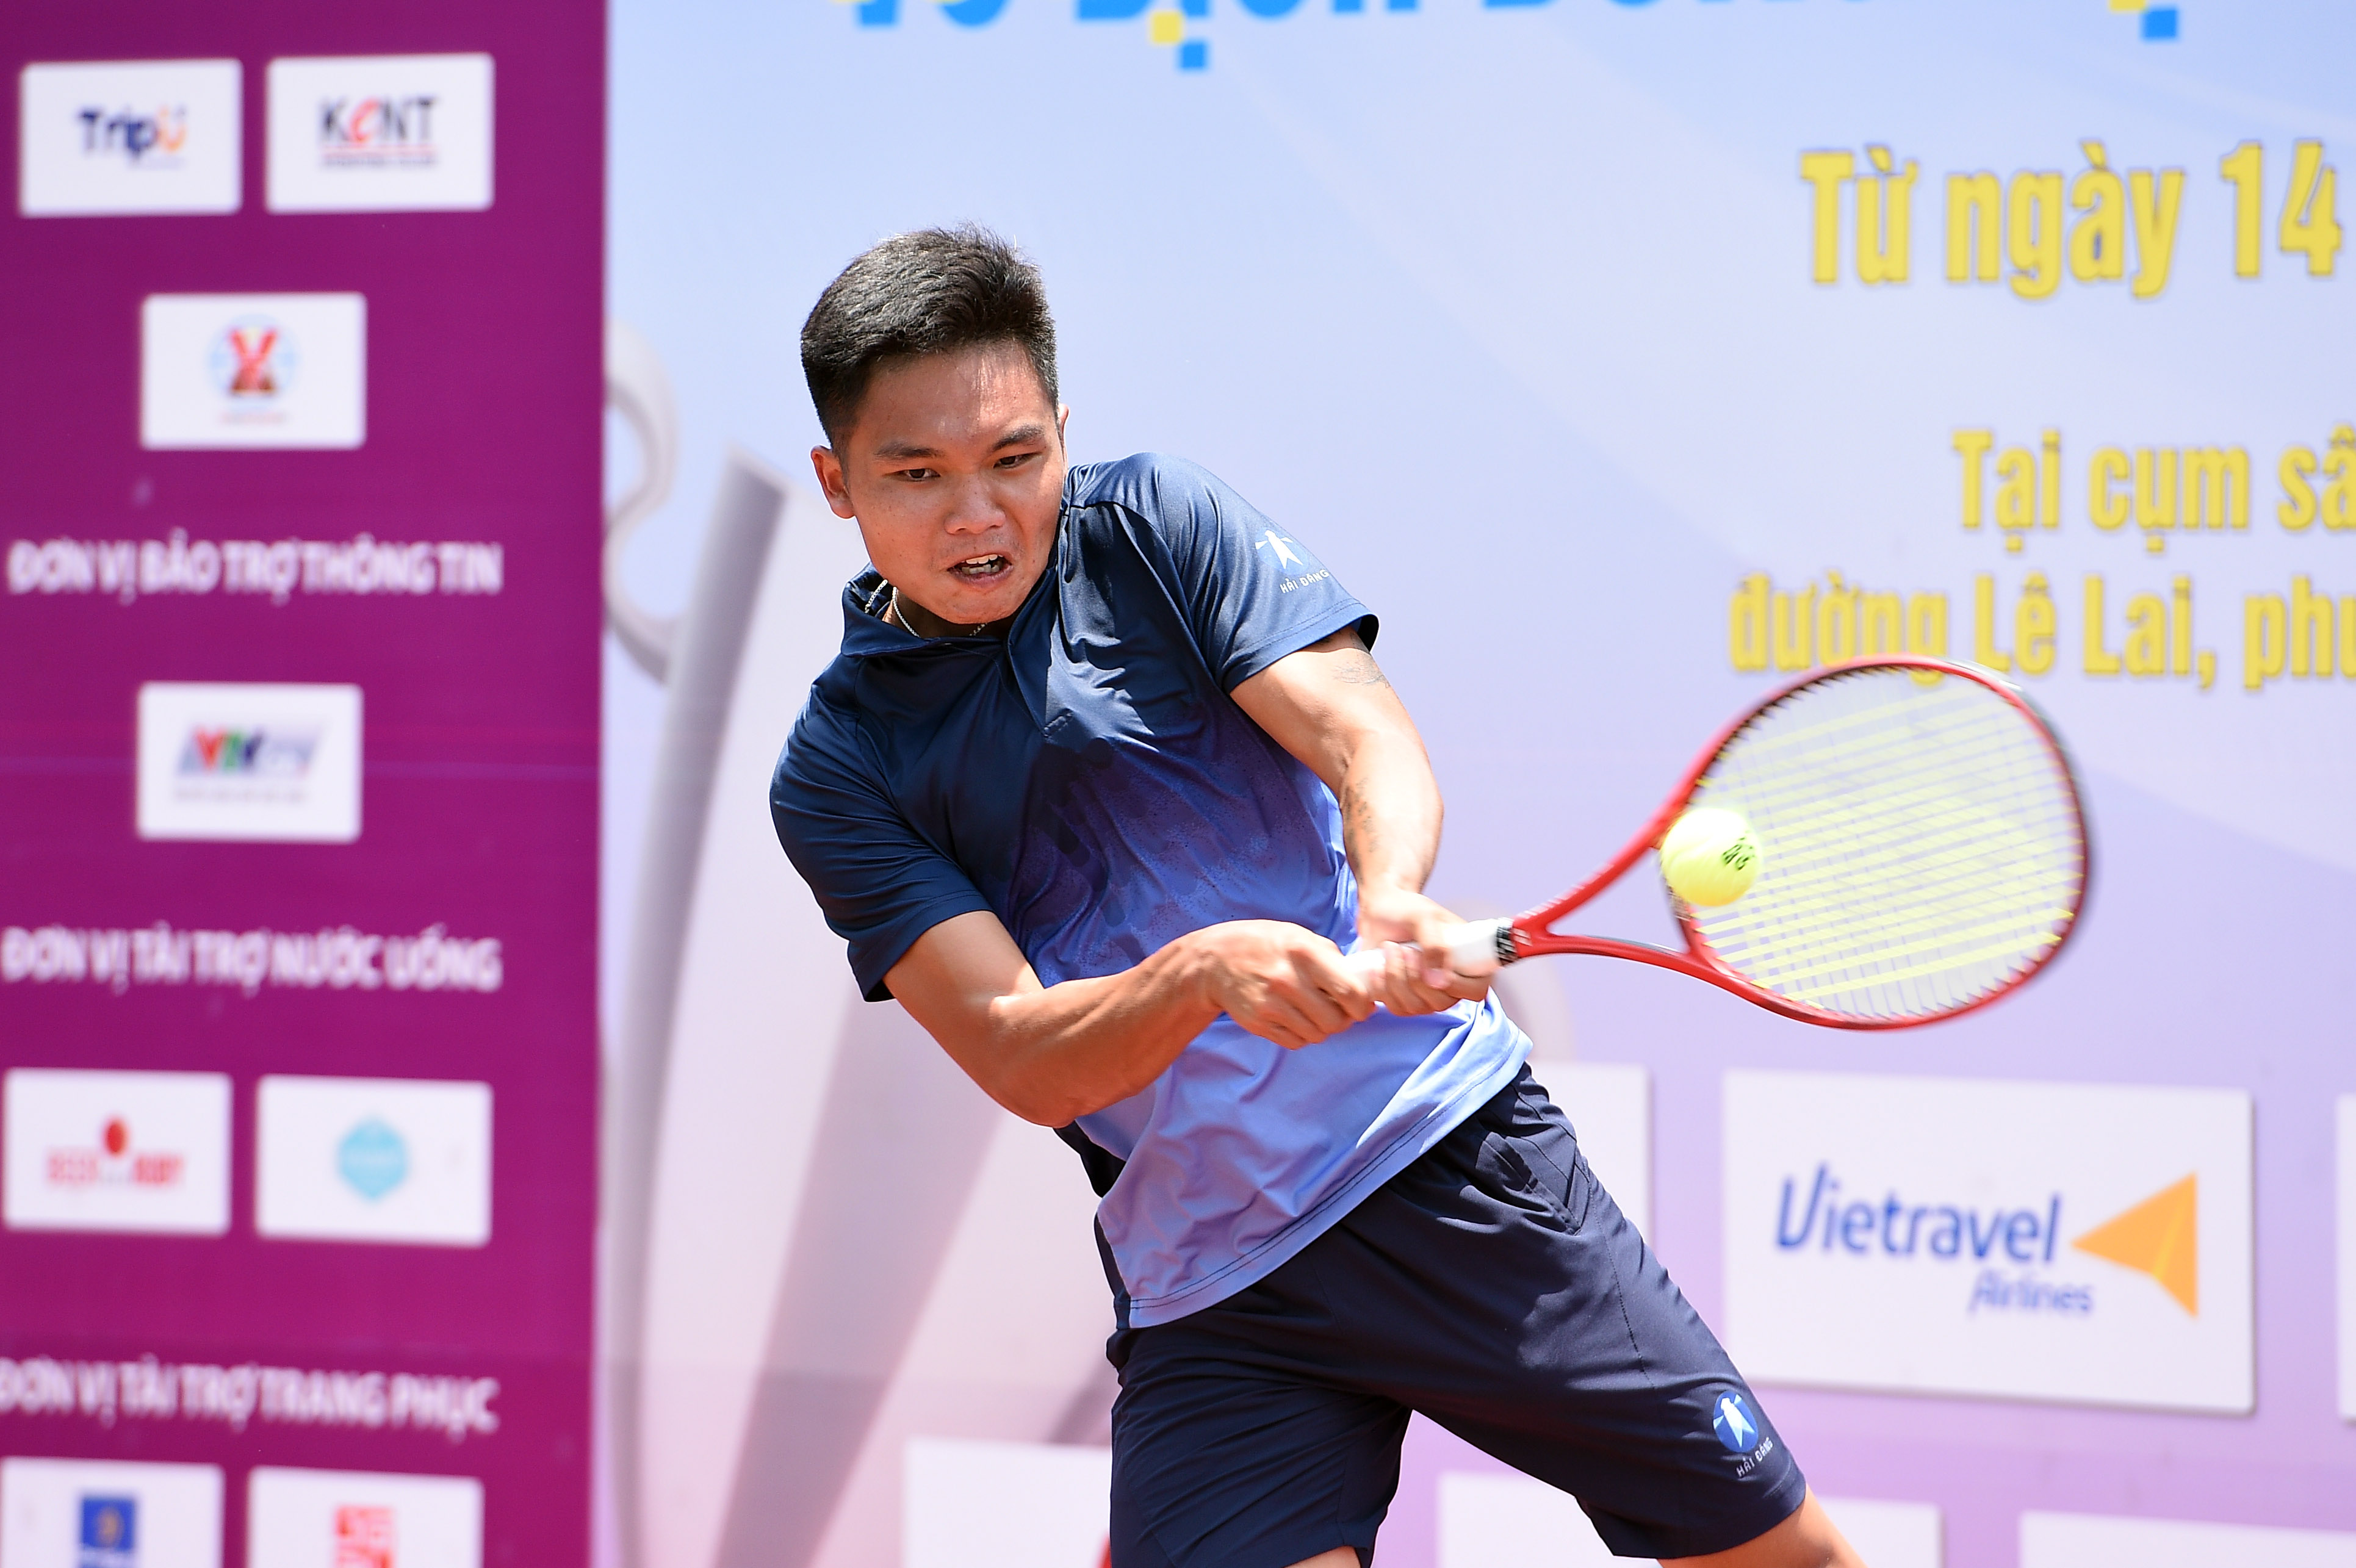 Hình ảnh: Giải quần vợt vô địch đồng đội Quốc gia 2021 kết thúc thành công tốt đẹp số 3